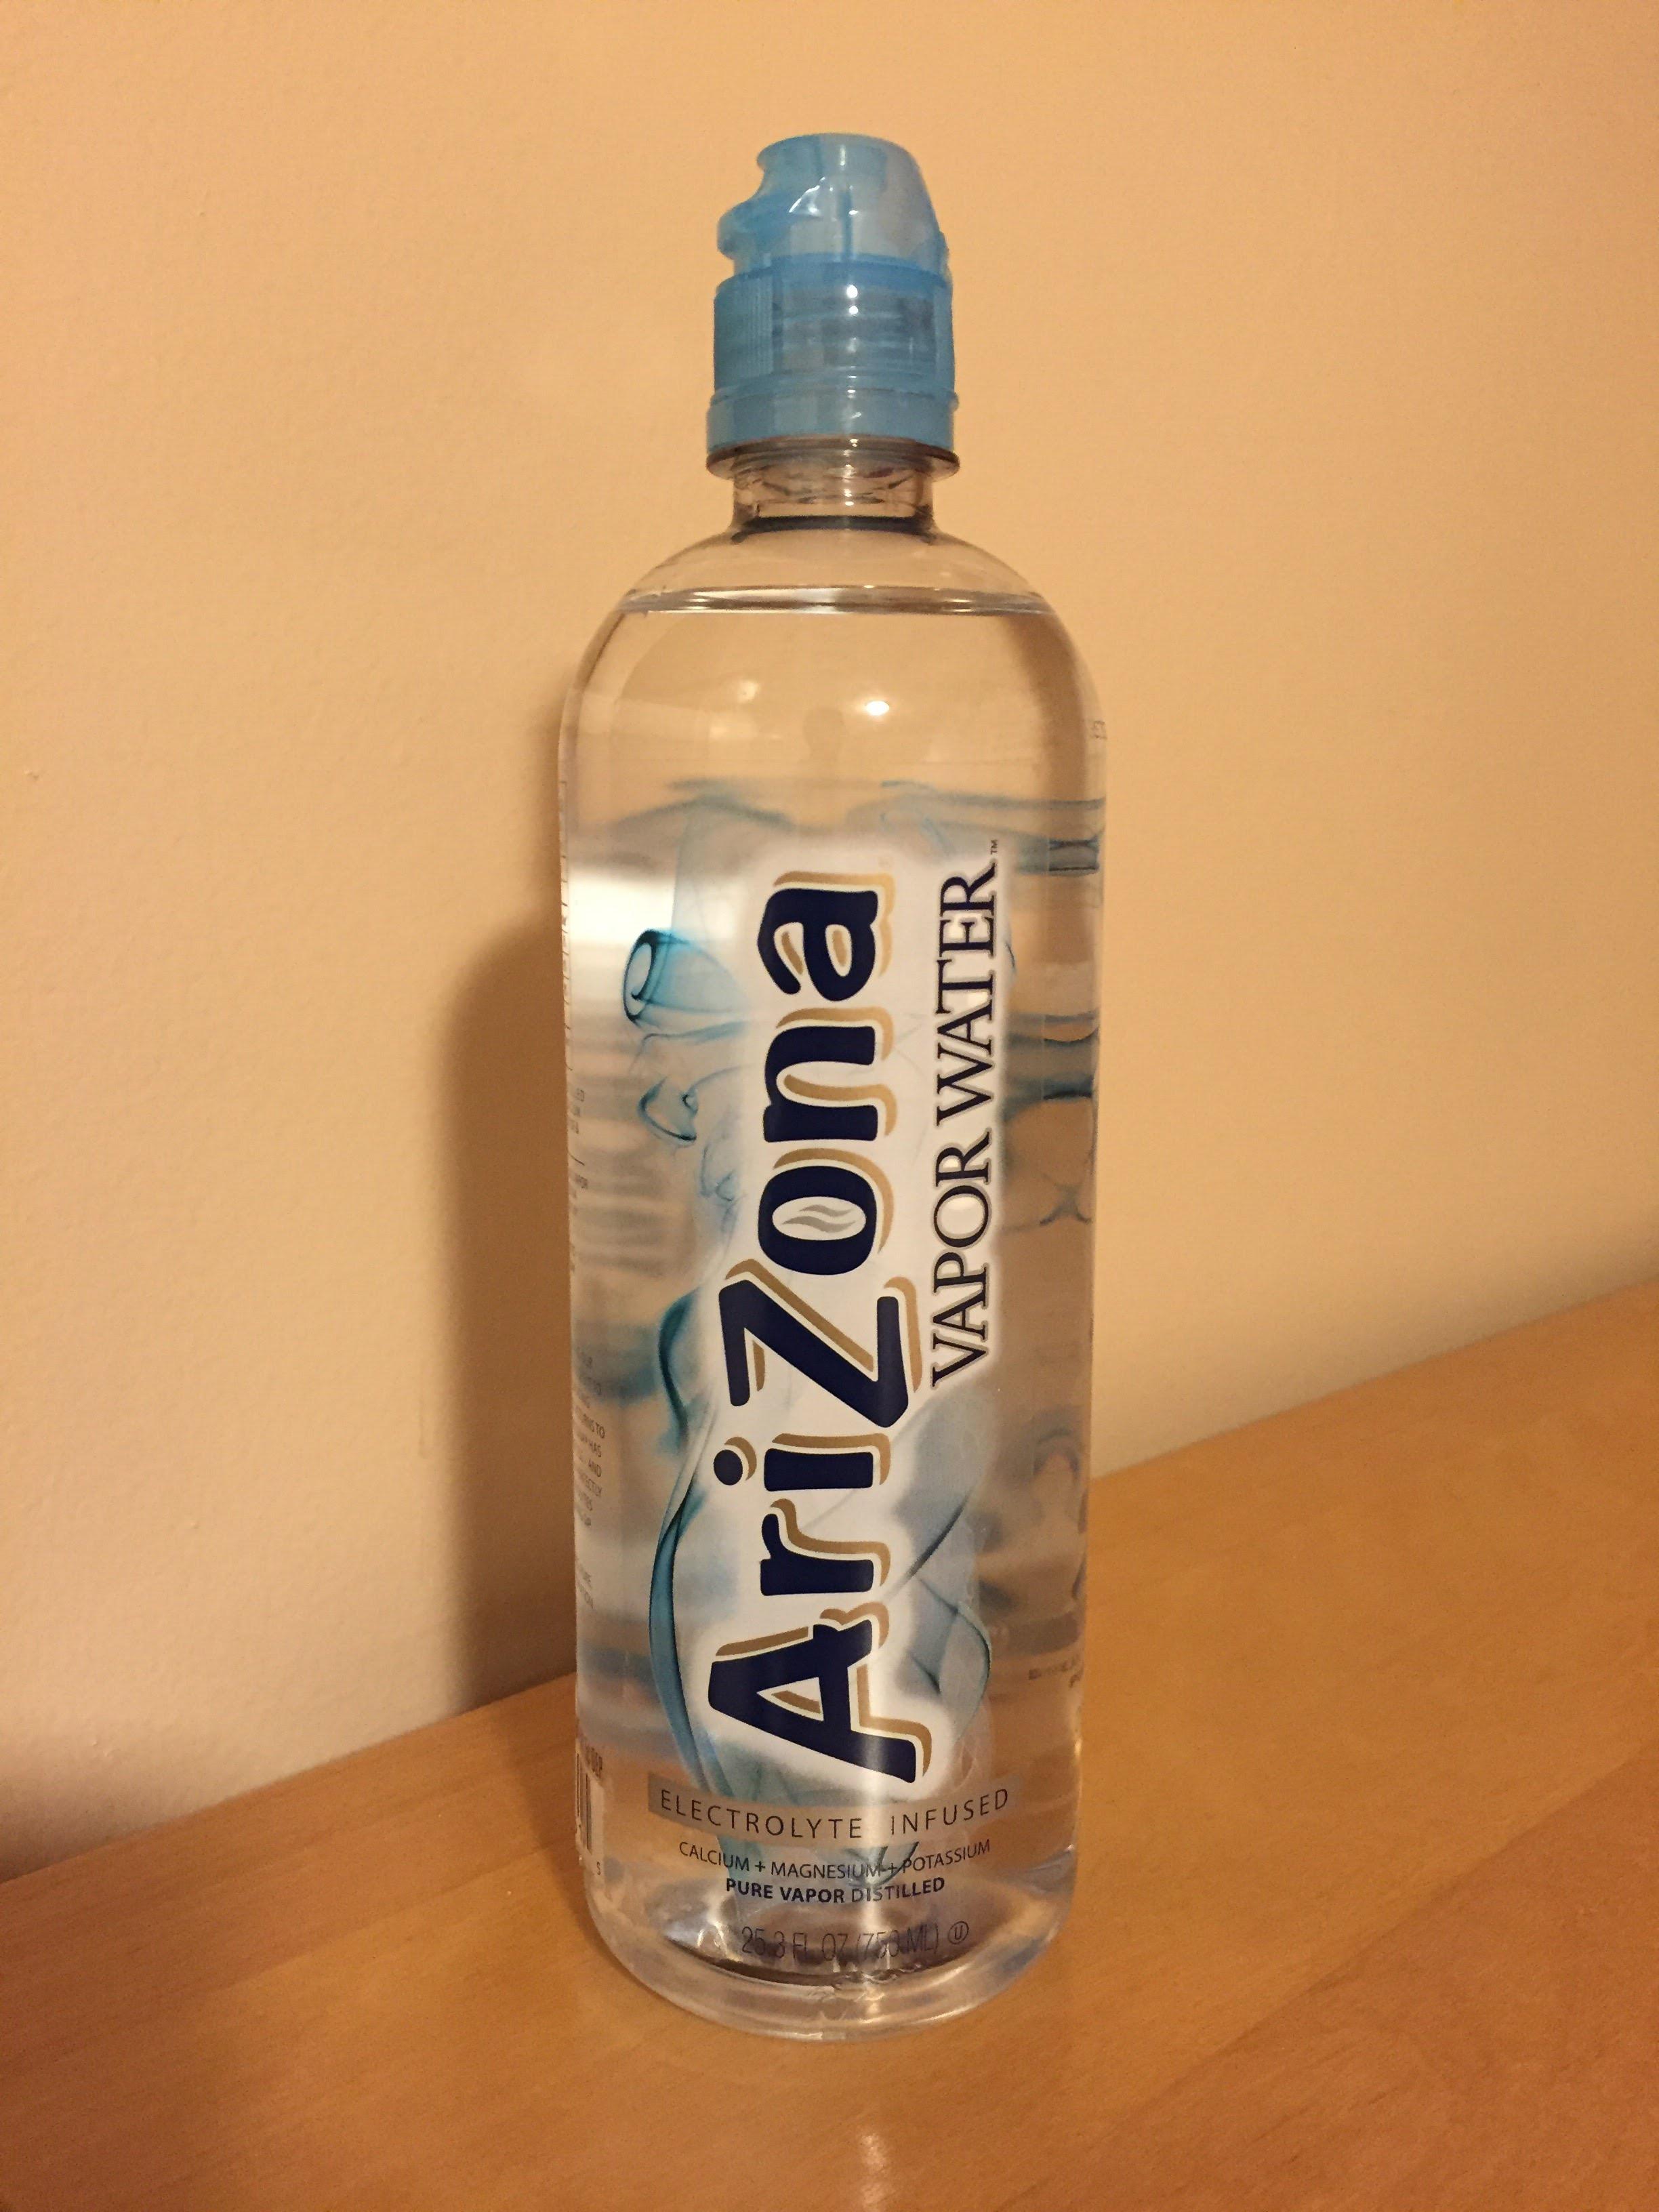 Imparare a bere acqua per stare in forma Healthy Lifestyle